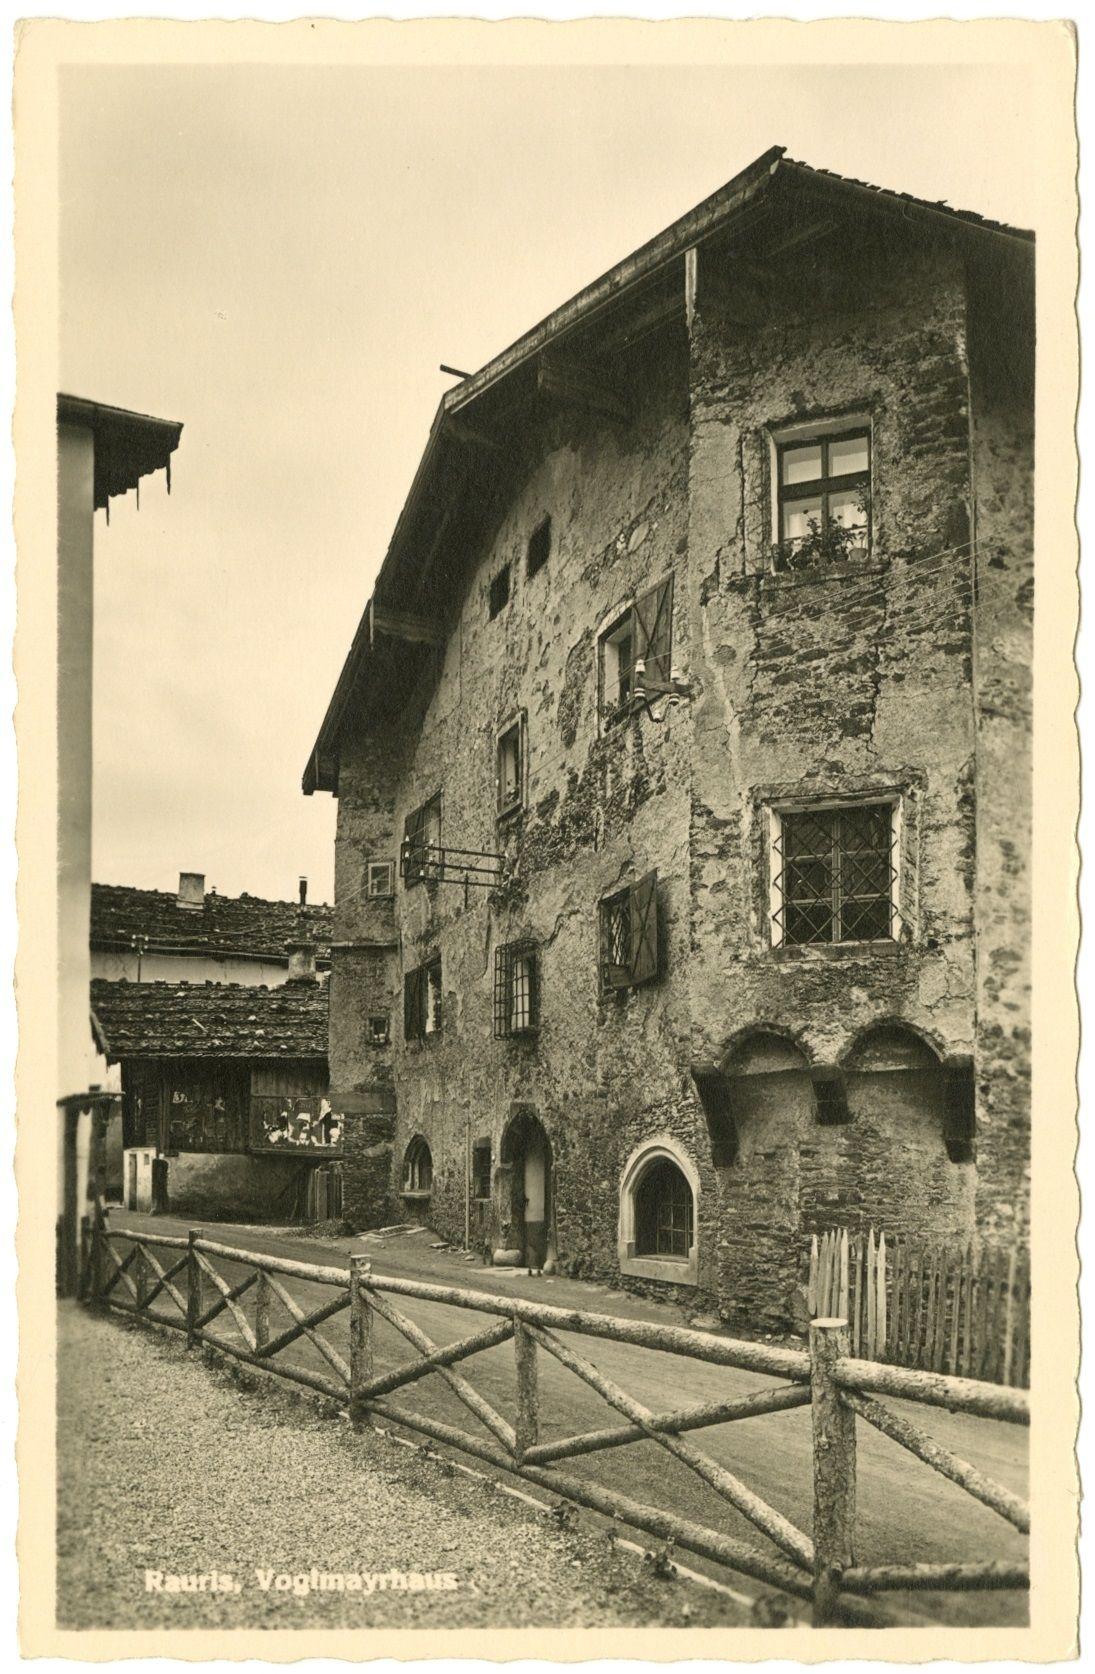 Das Voglmaierhaus in Rauris